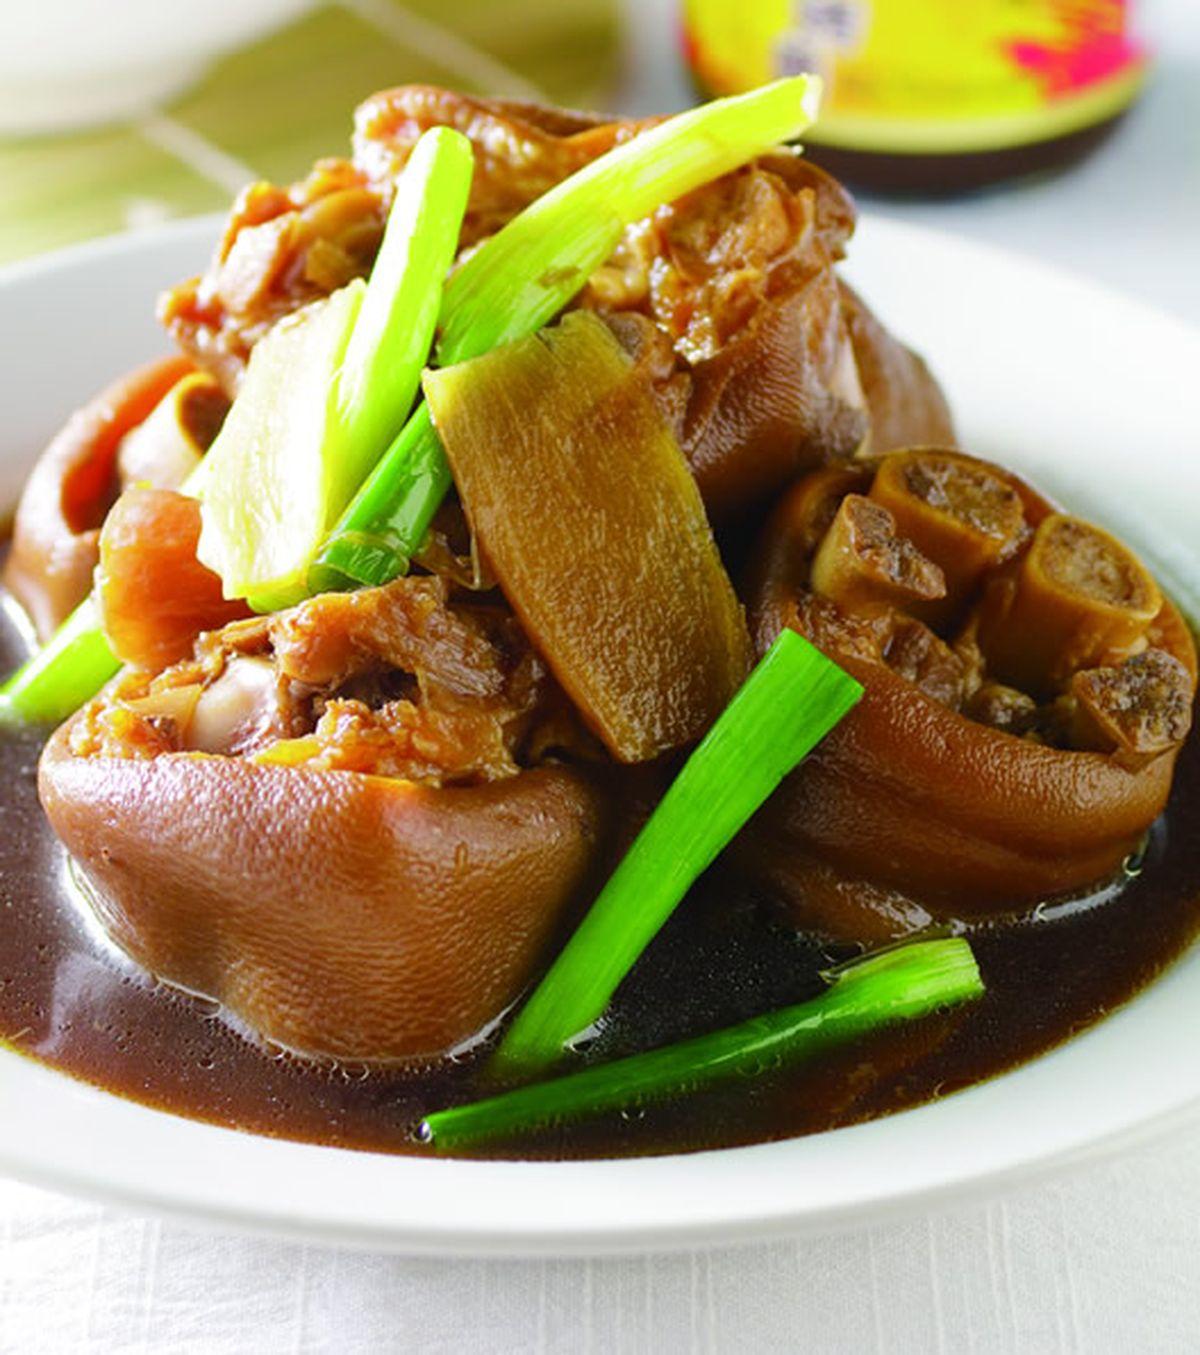 食譜:燒滷豬腳肉